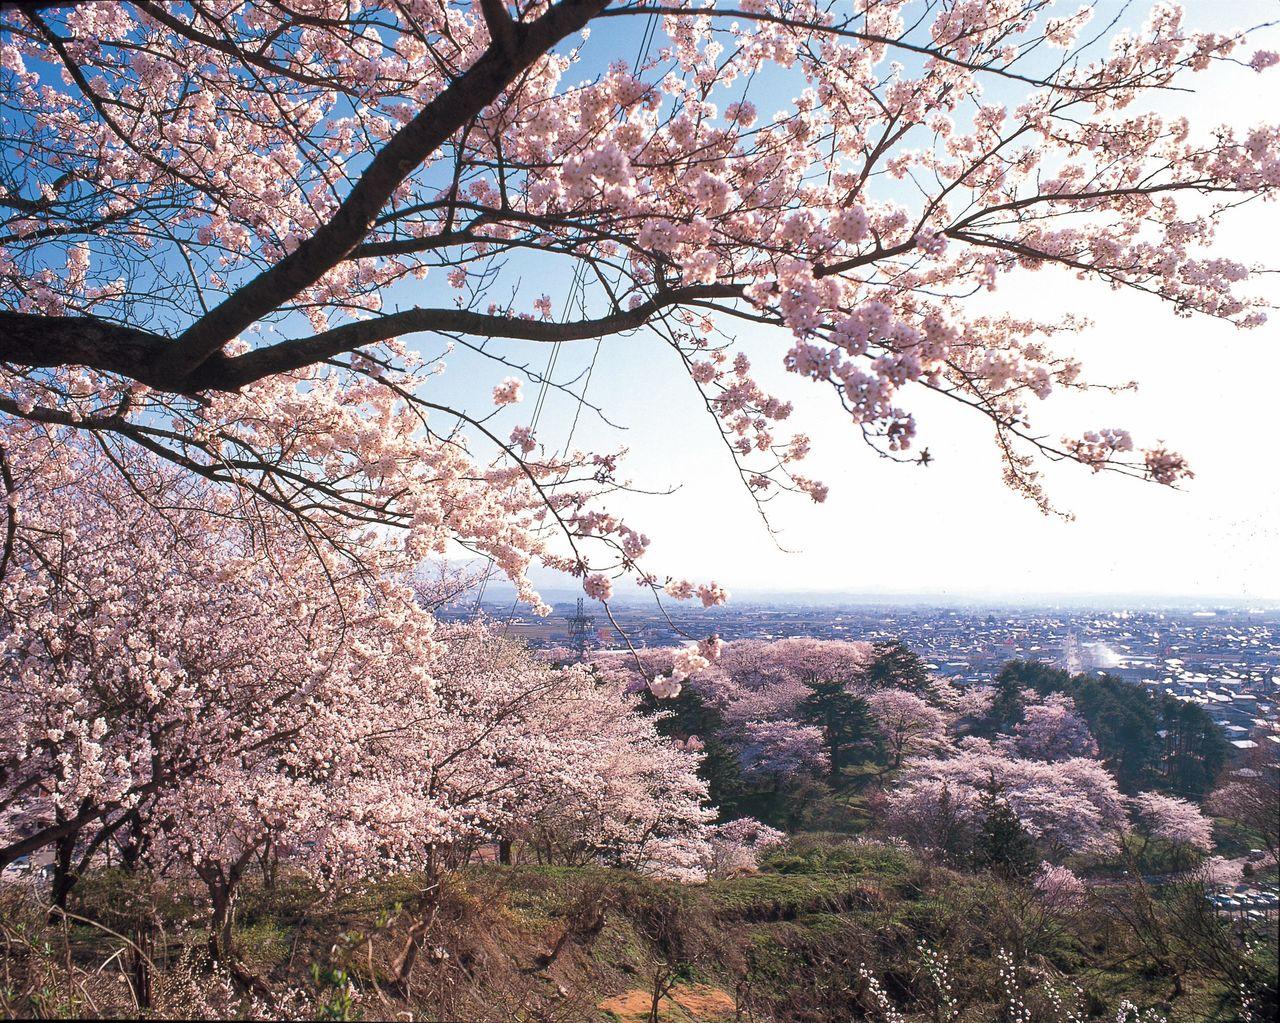 Деревья парка Эбосияма над курортом с горячими источниками (фотография предоставлена Обществом продукции префектуры Ямагата)